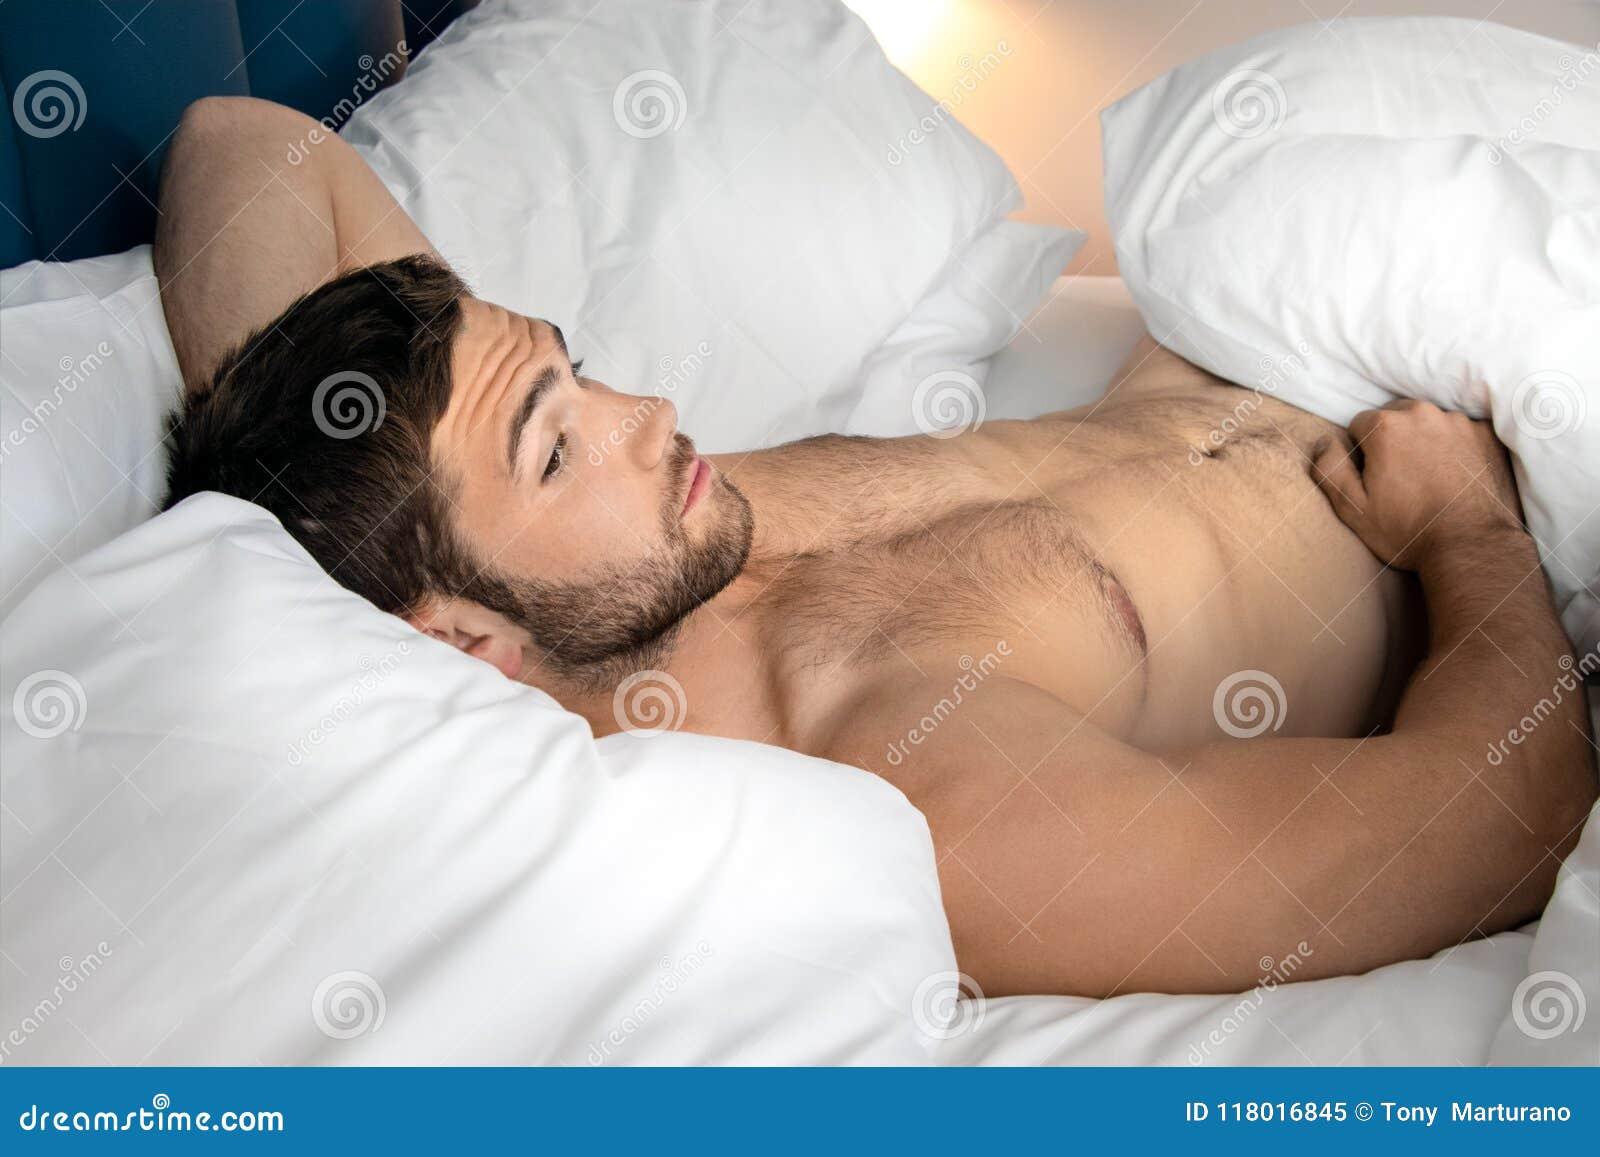 im hotel nackt